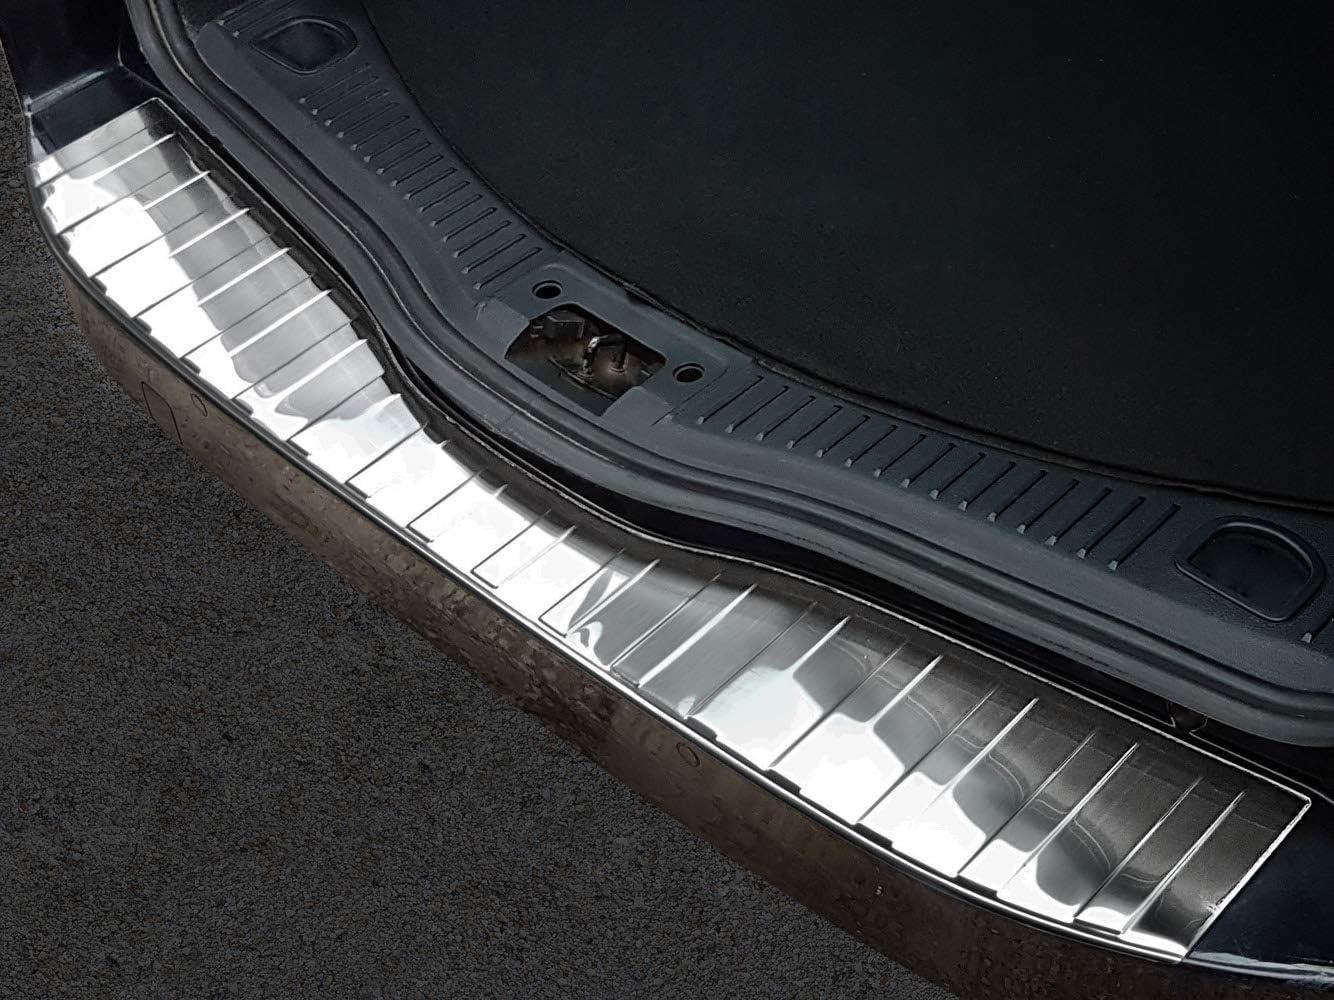 Avisa Ladekantenschutz Fahrzeugspezifische Passform Sto/ßstangenschutz aus V2A Edelstahl